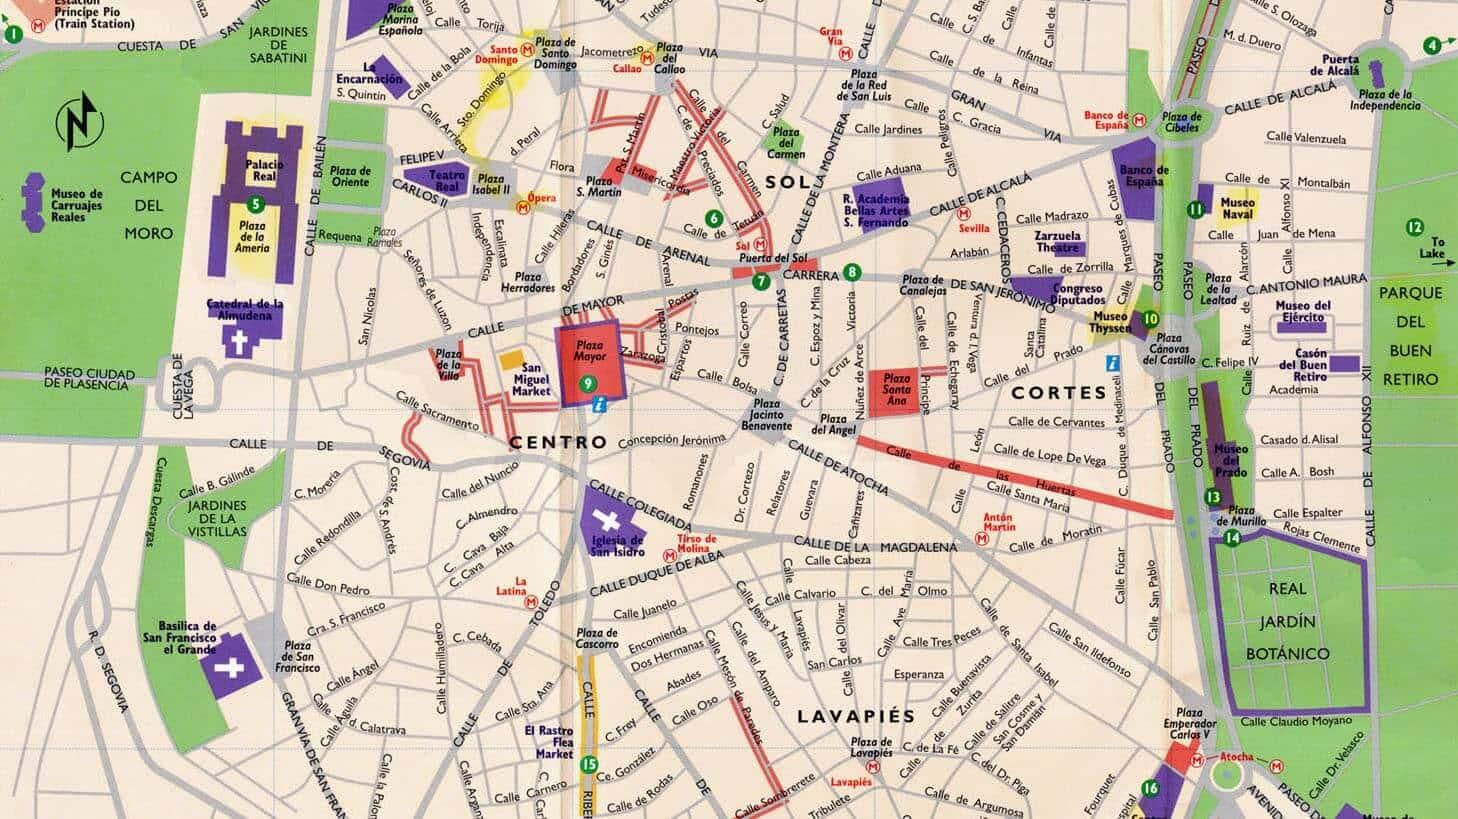 Mapa com as regiões mais turísticas em Madri